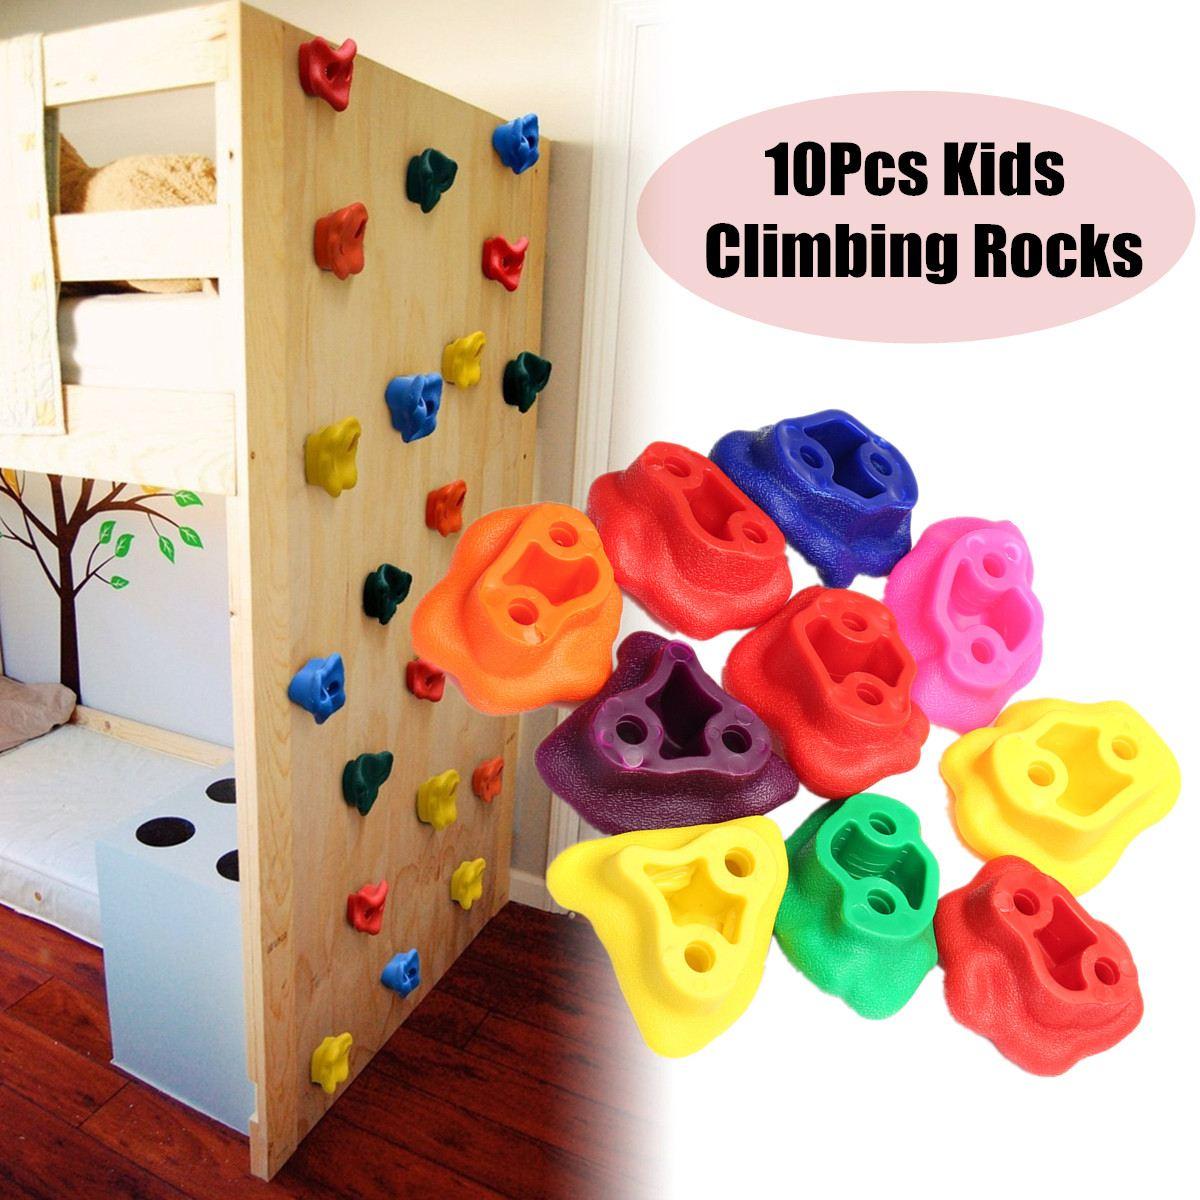 10 pièces enfants escalade roches en plastique texturé mur pierres assorties Kit aléatoire boulon escalade accessoires